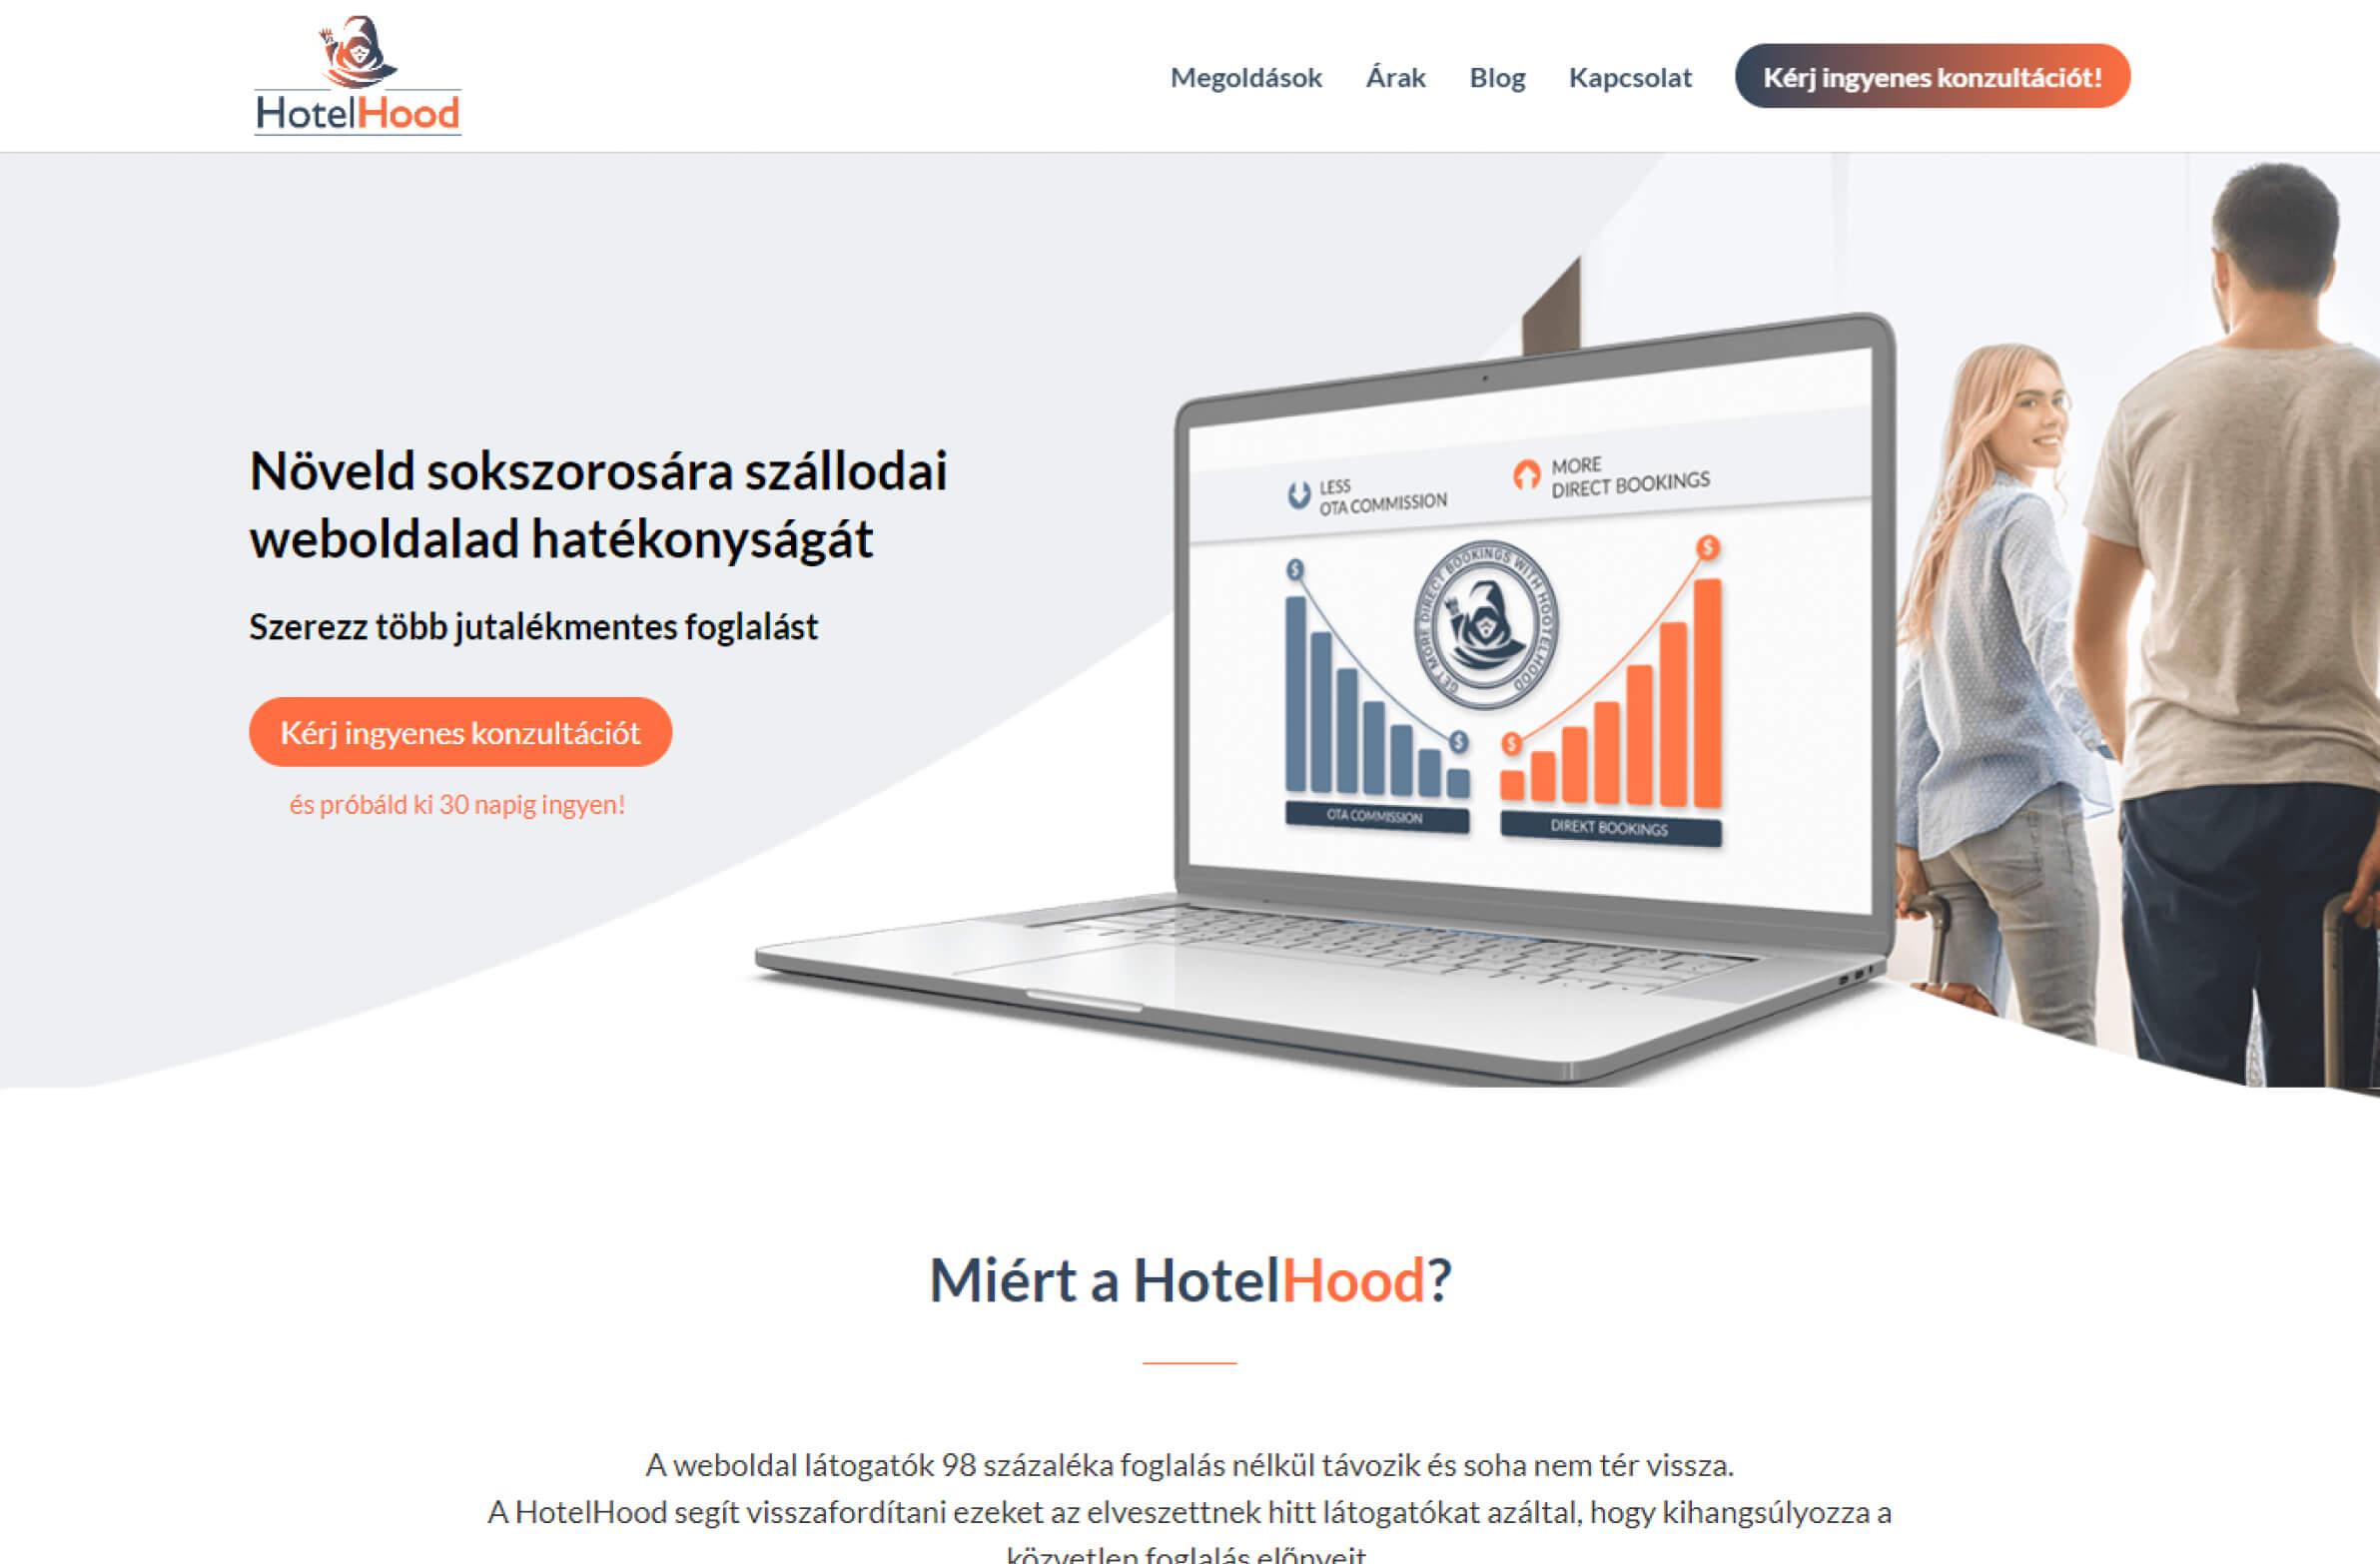 hotelhood.hu honlapkép